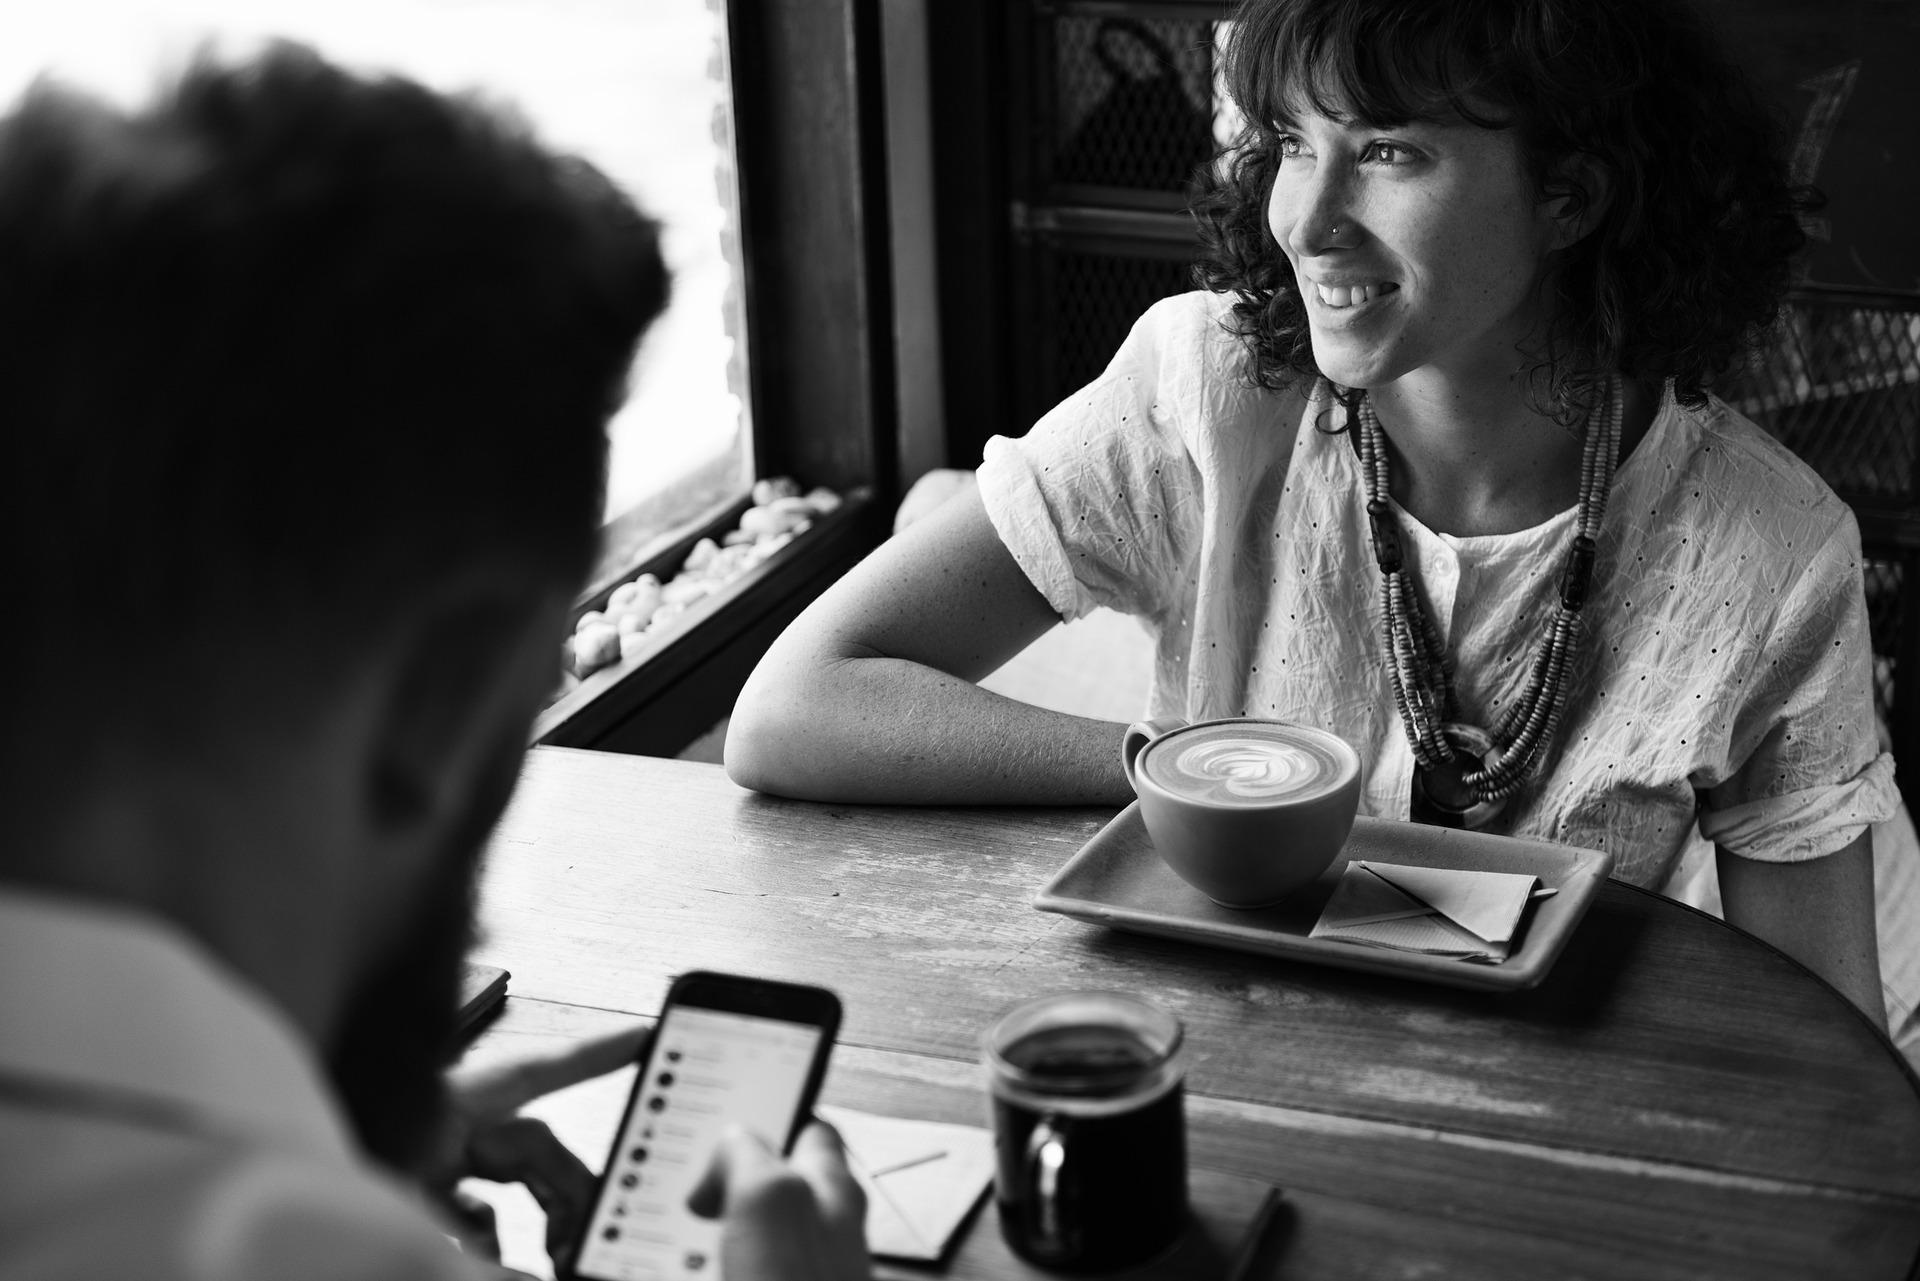 Responder VS Reaccionar: Cultivar un Carácter o Sucumbir a tu propia Emoción